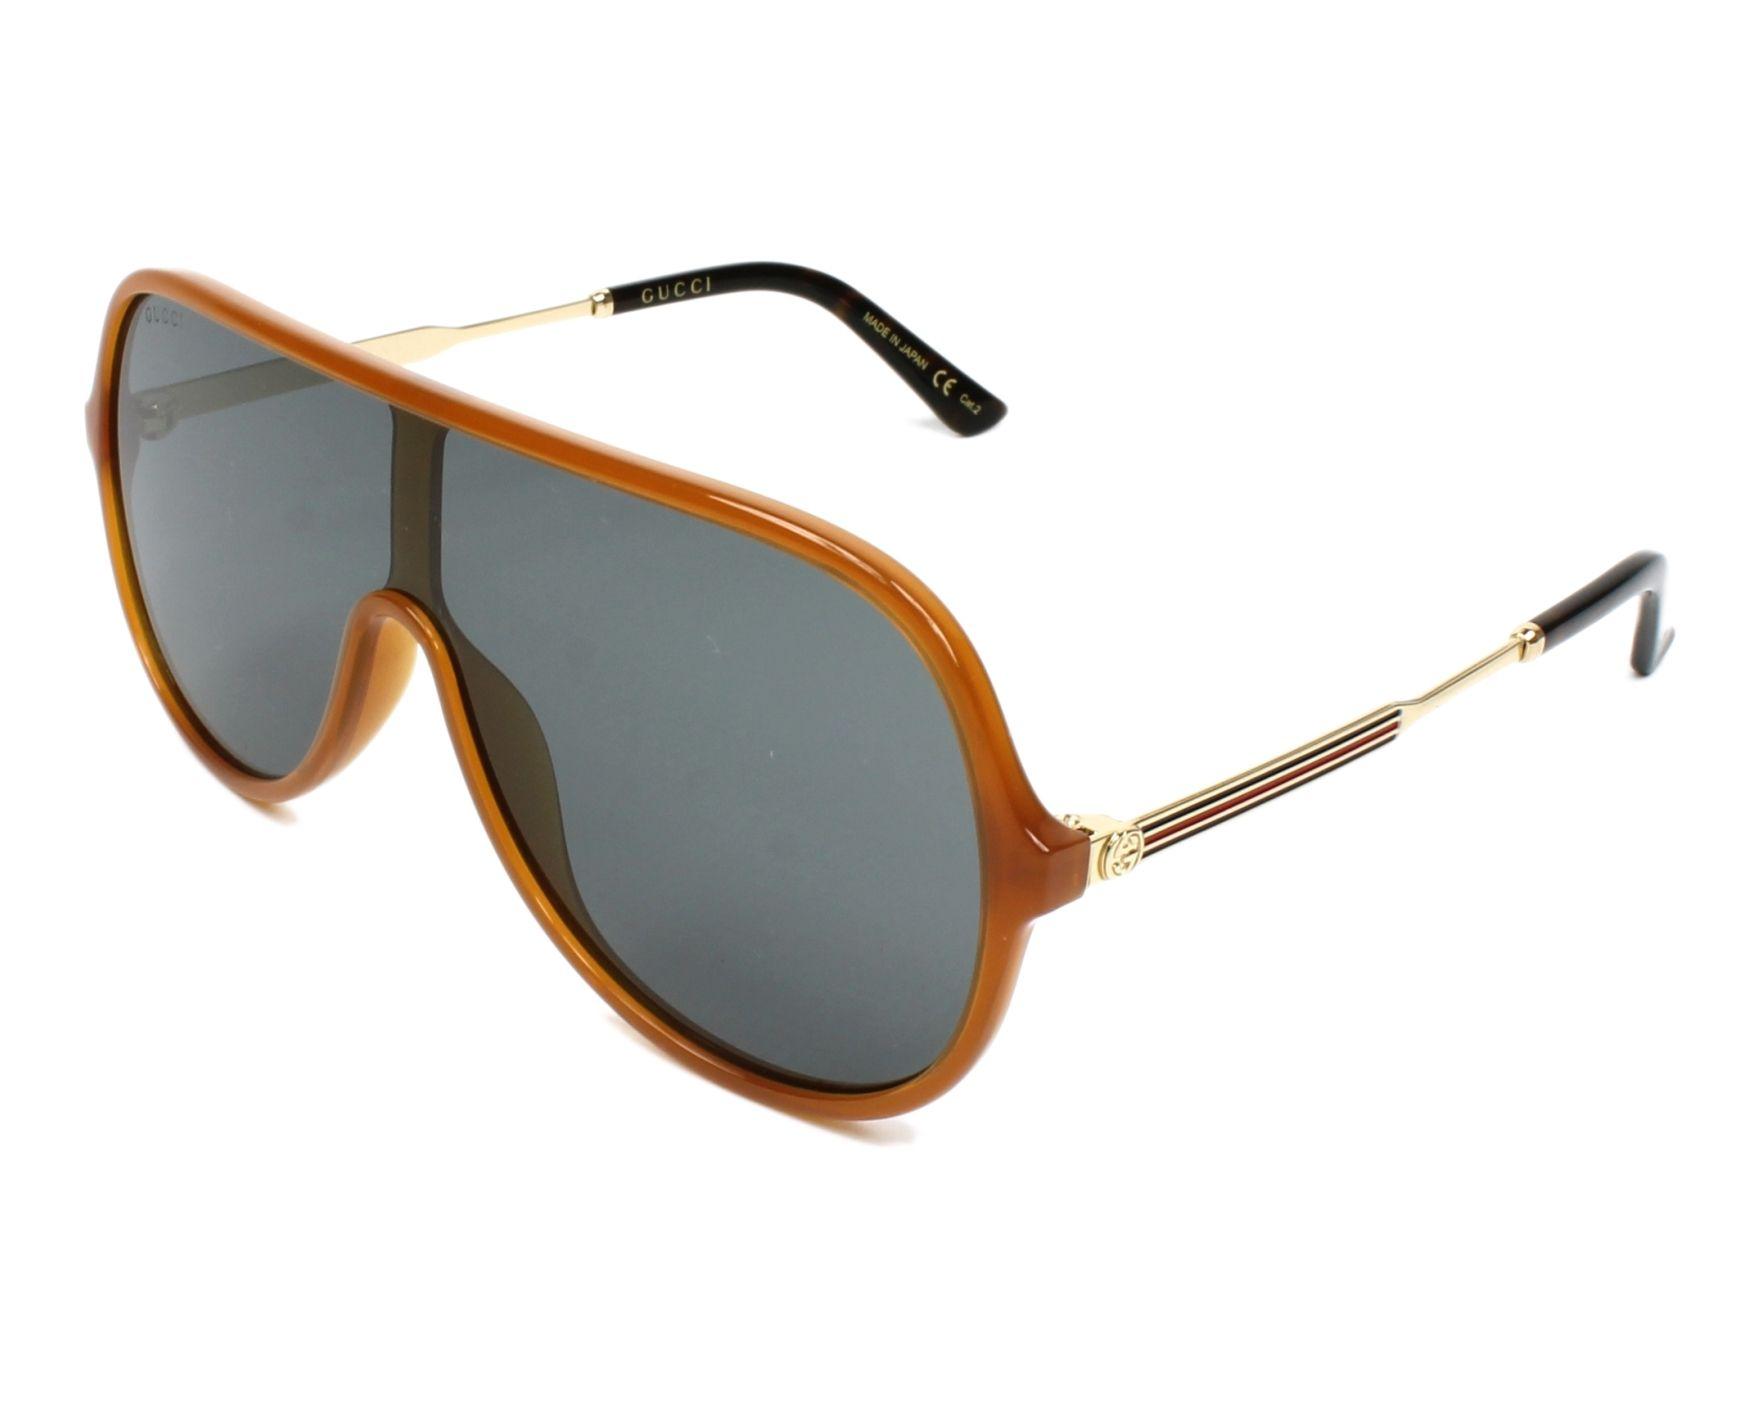 b6aee1c487f Sunglasses Gucci GG-0199-S 005 - Brown Gold profile view